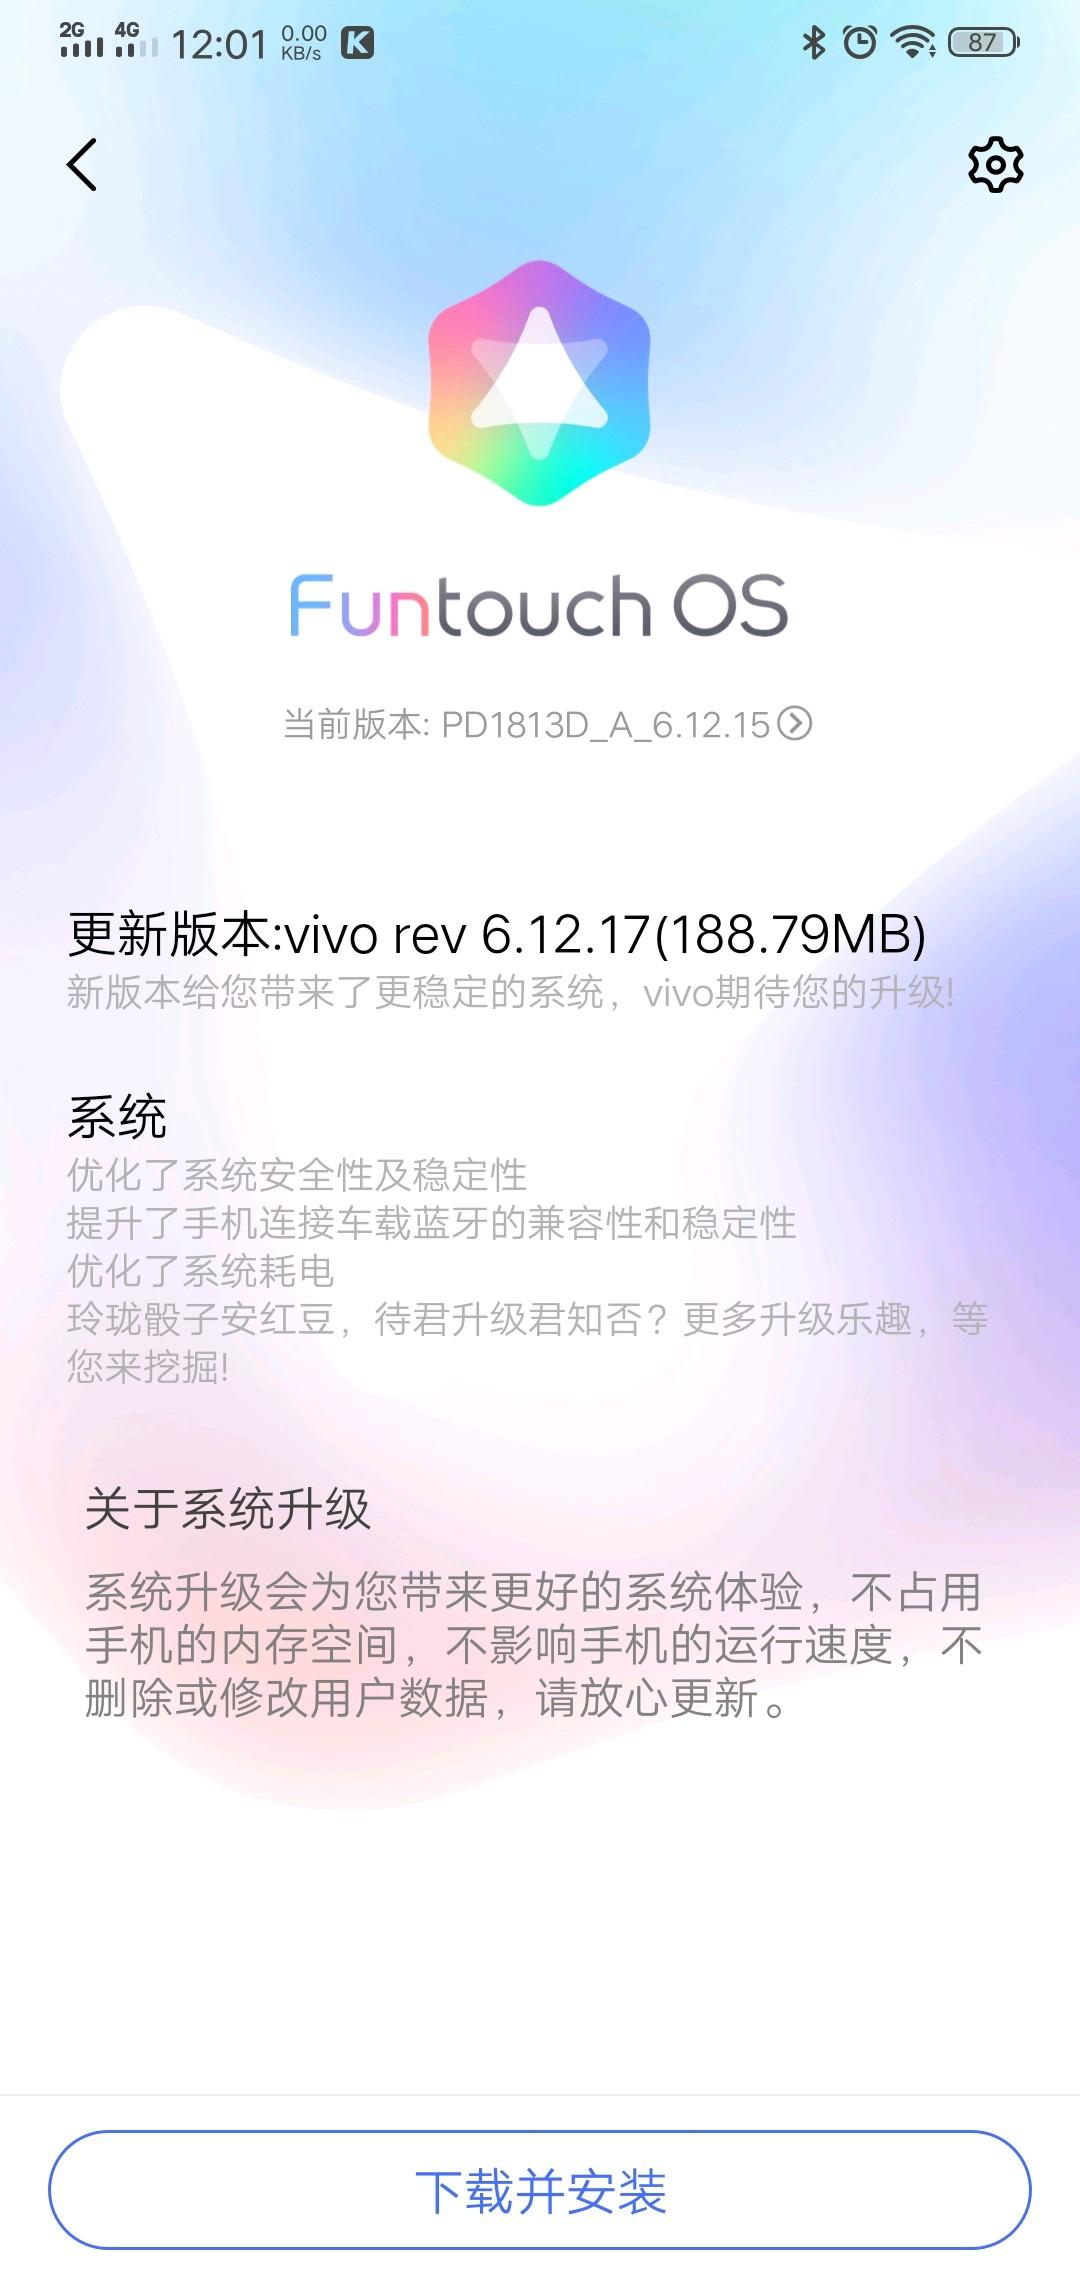 Screenshot_20200310_120112.jpg